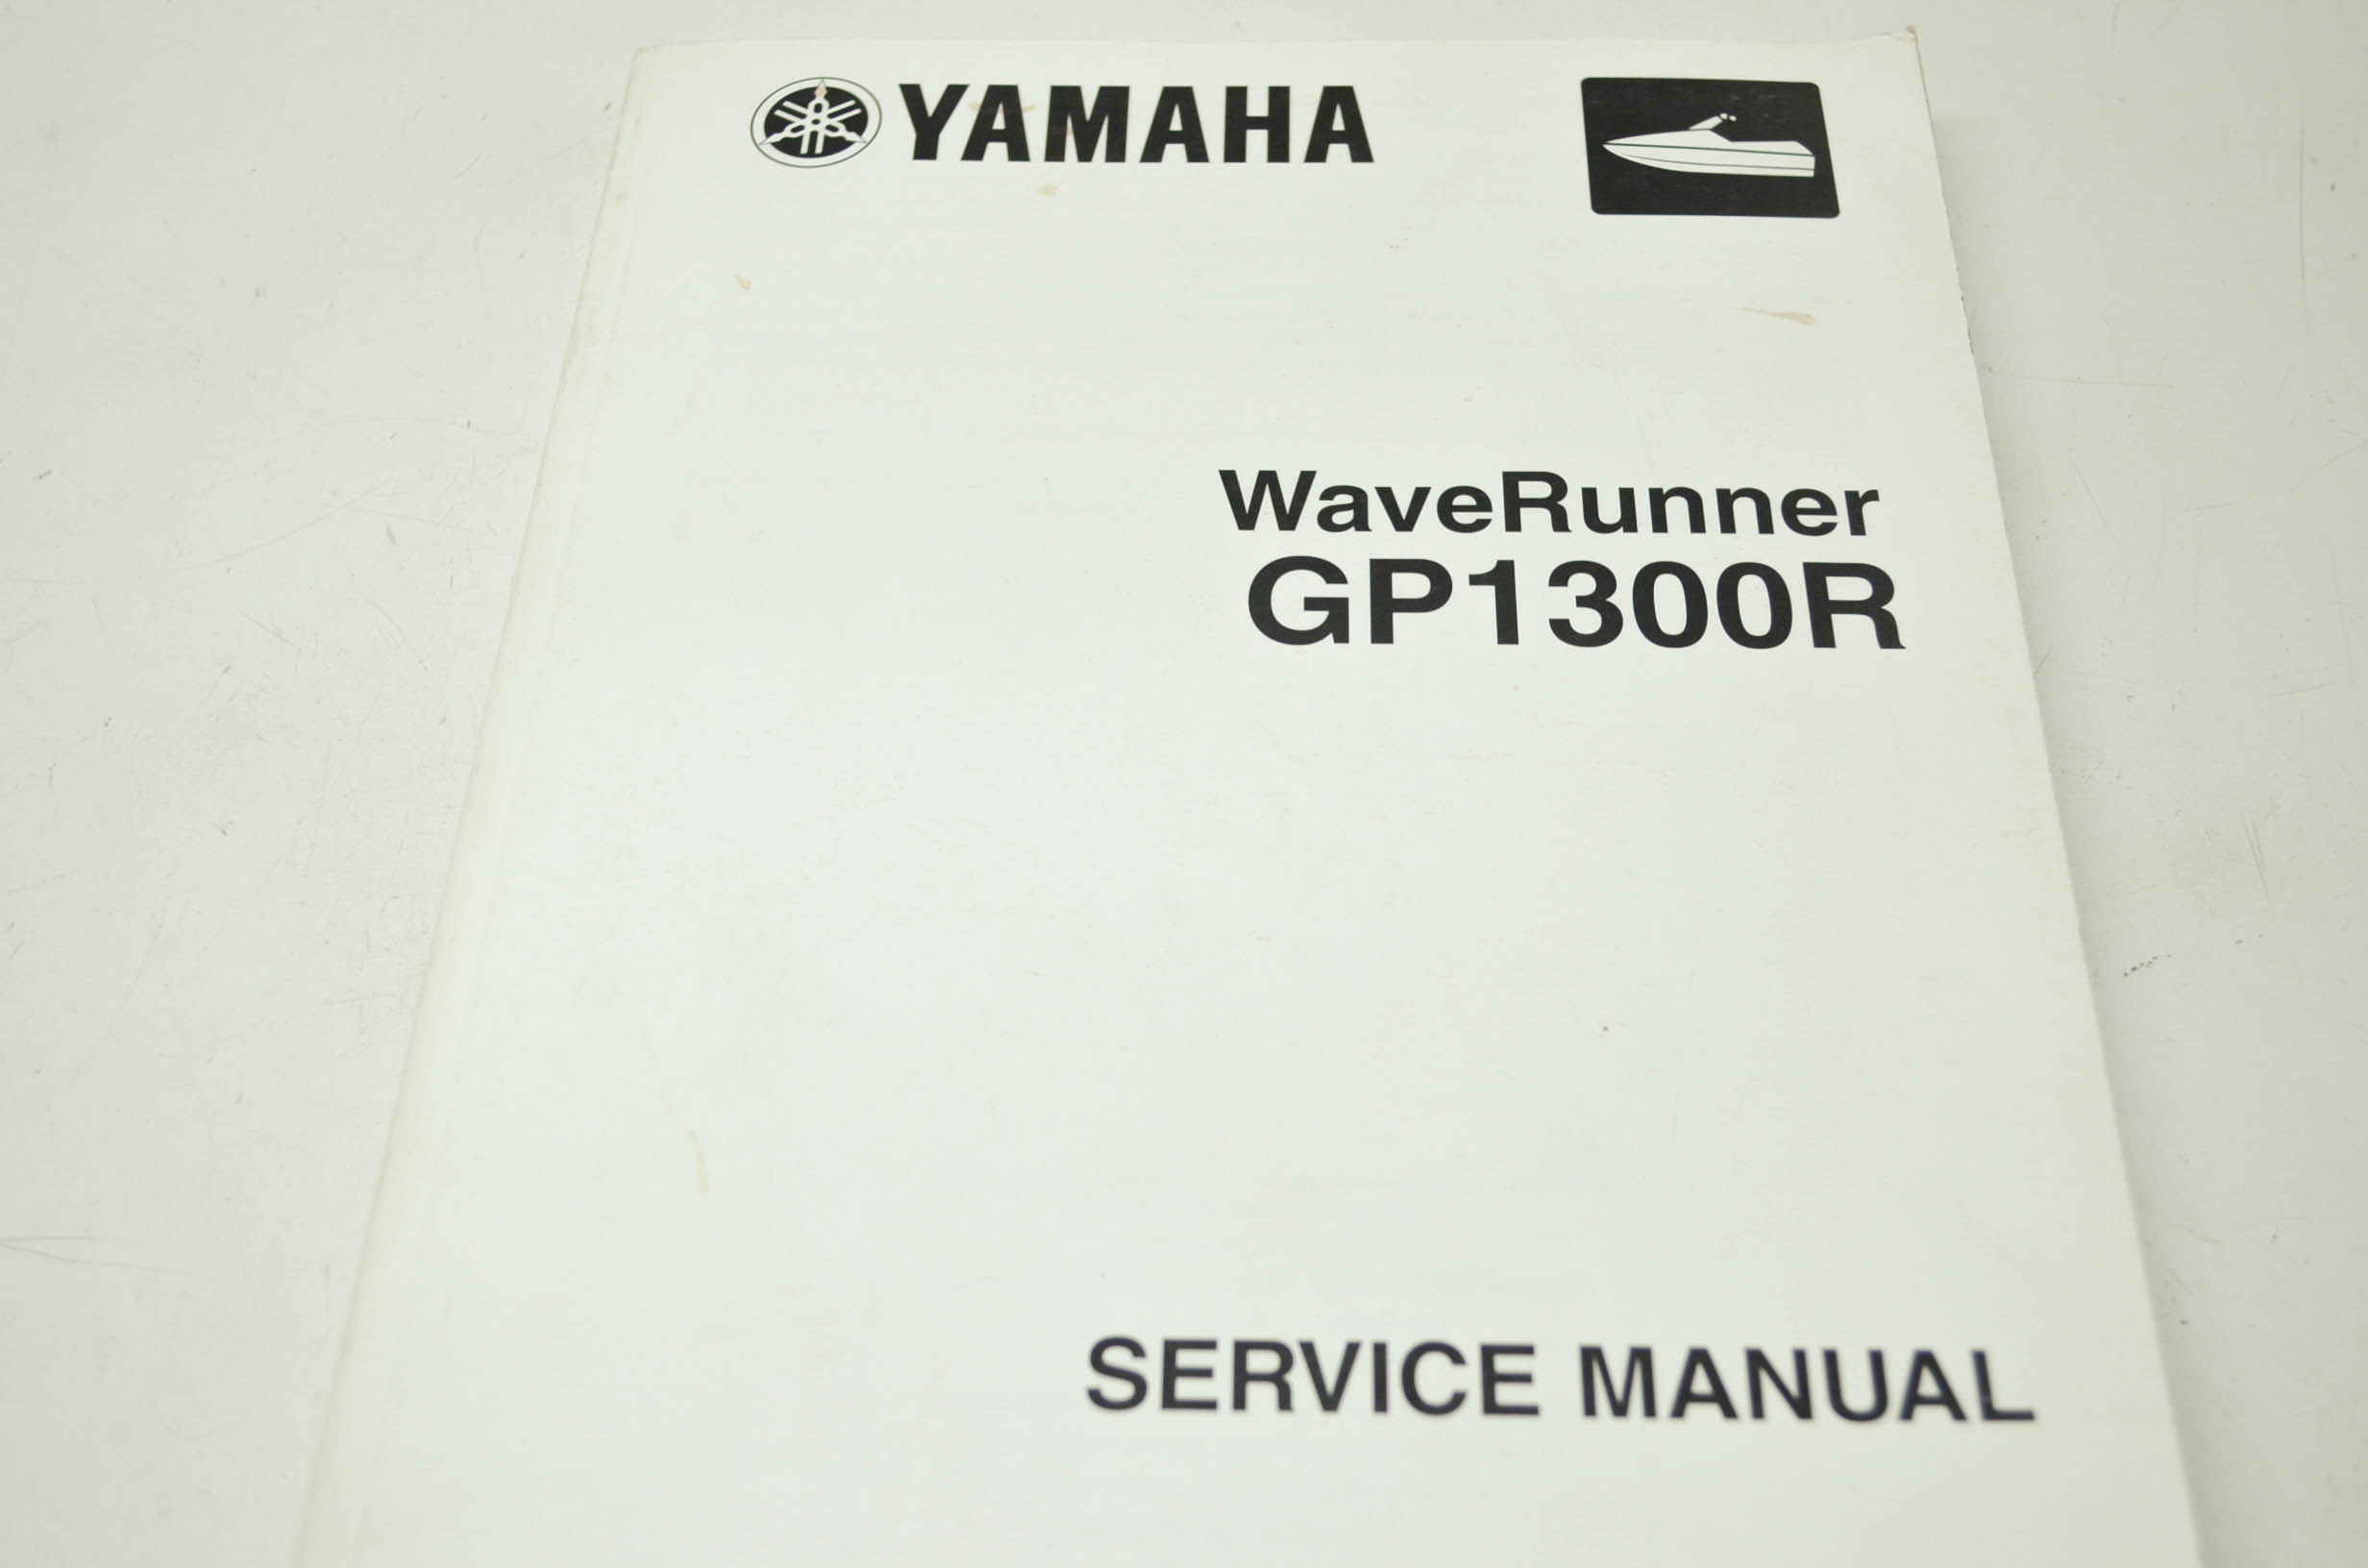 Yamaha service manual gp1300r gp waverunner   ebay.